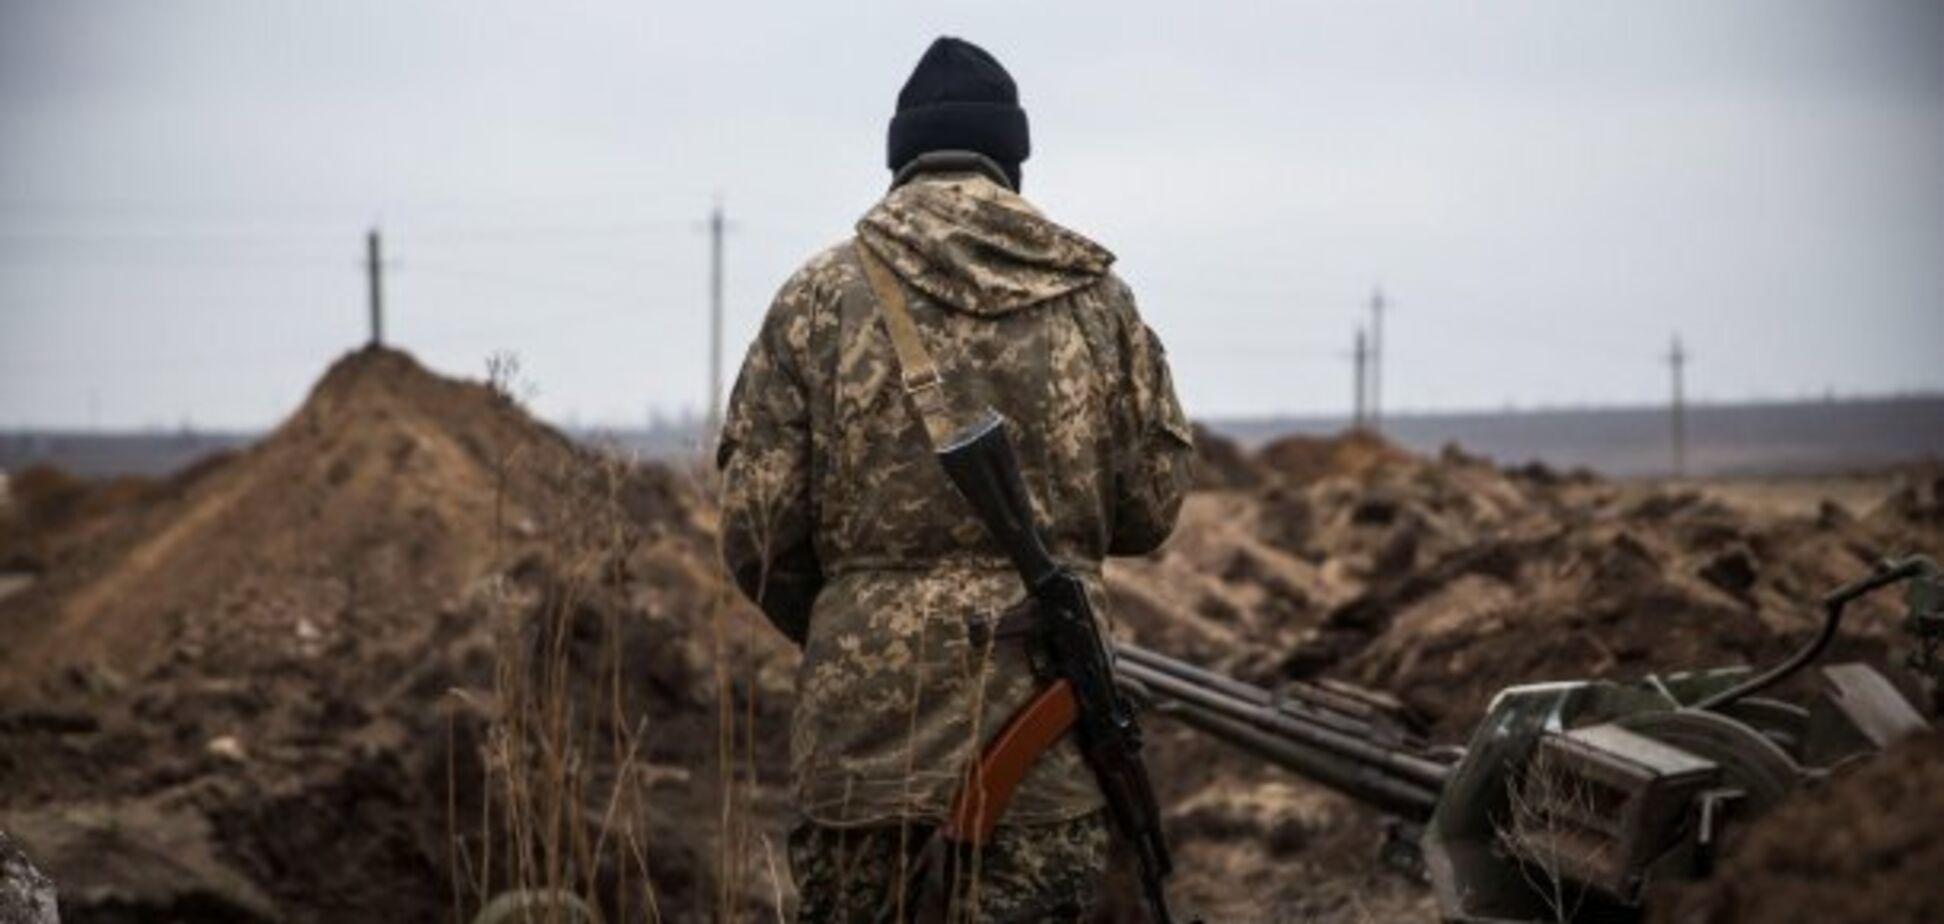 На Донбассе разгорелись кровавые бои: в ВСУ потери